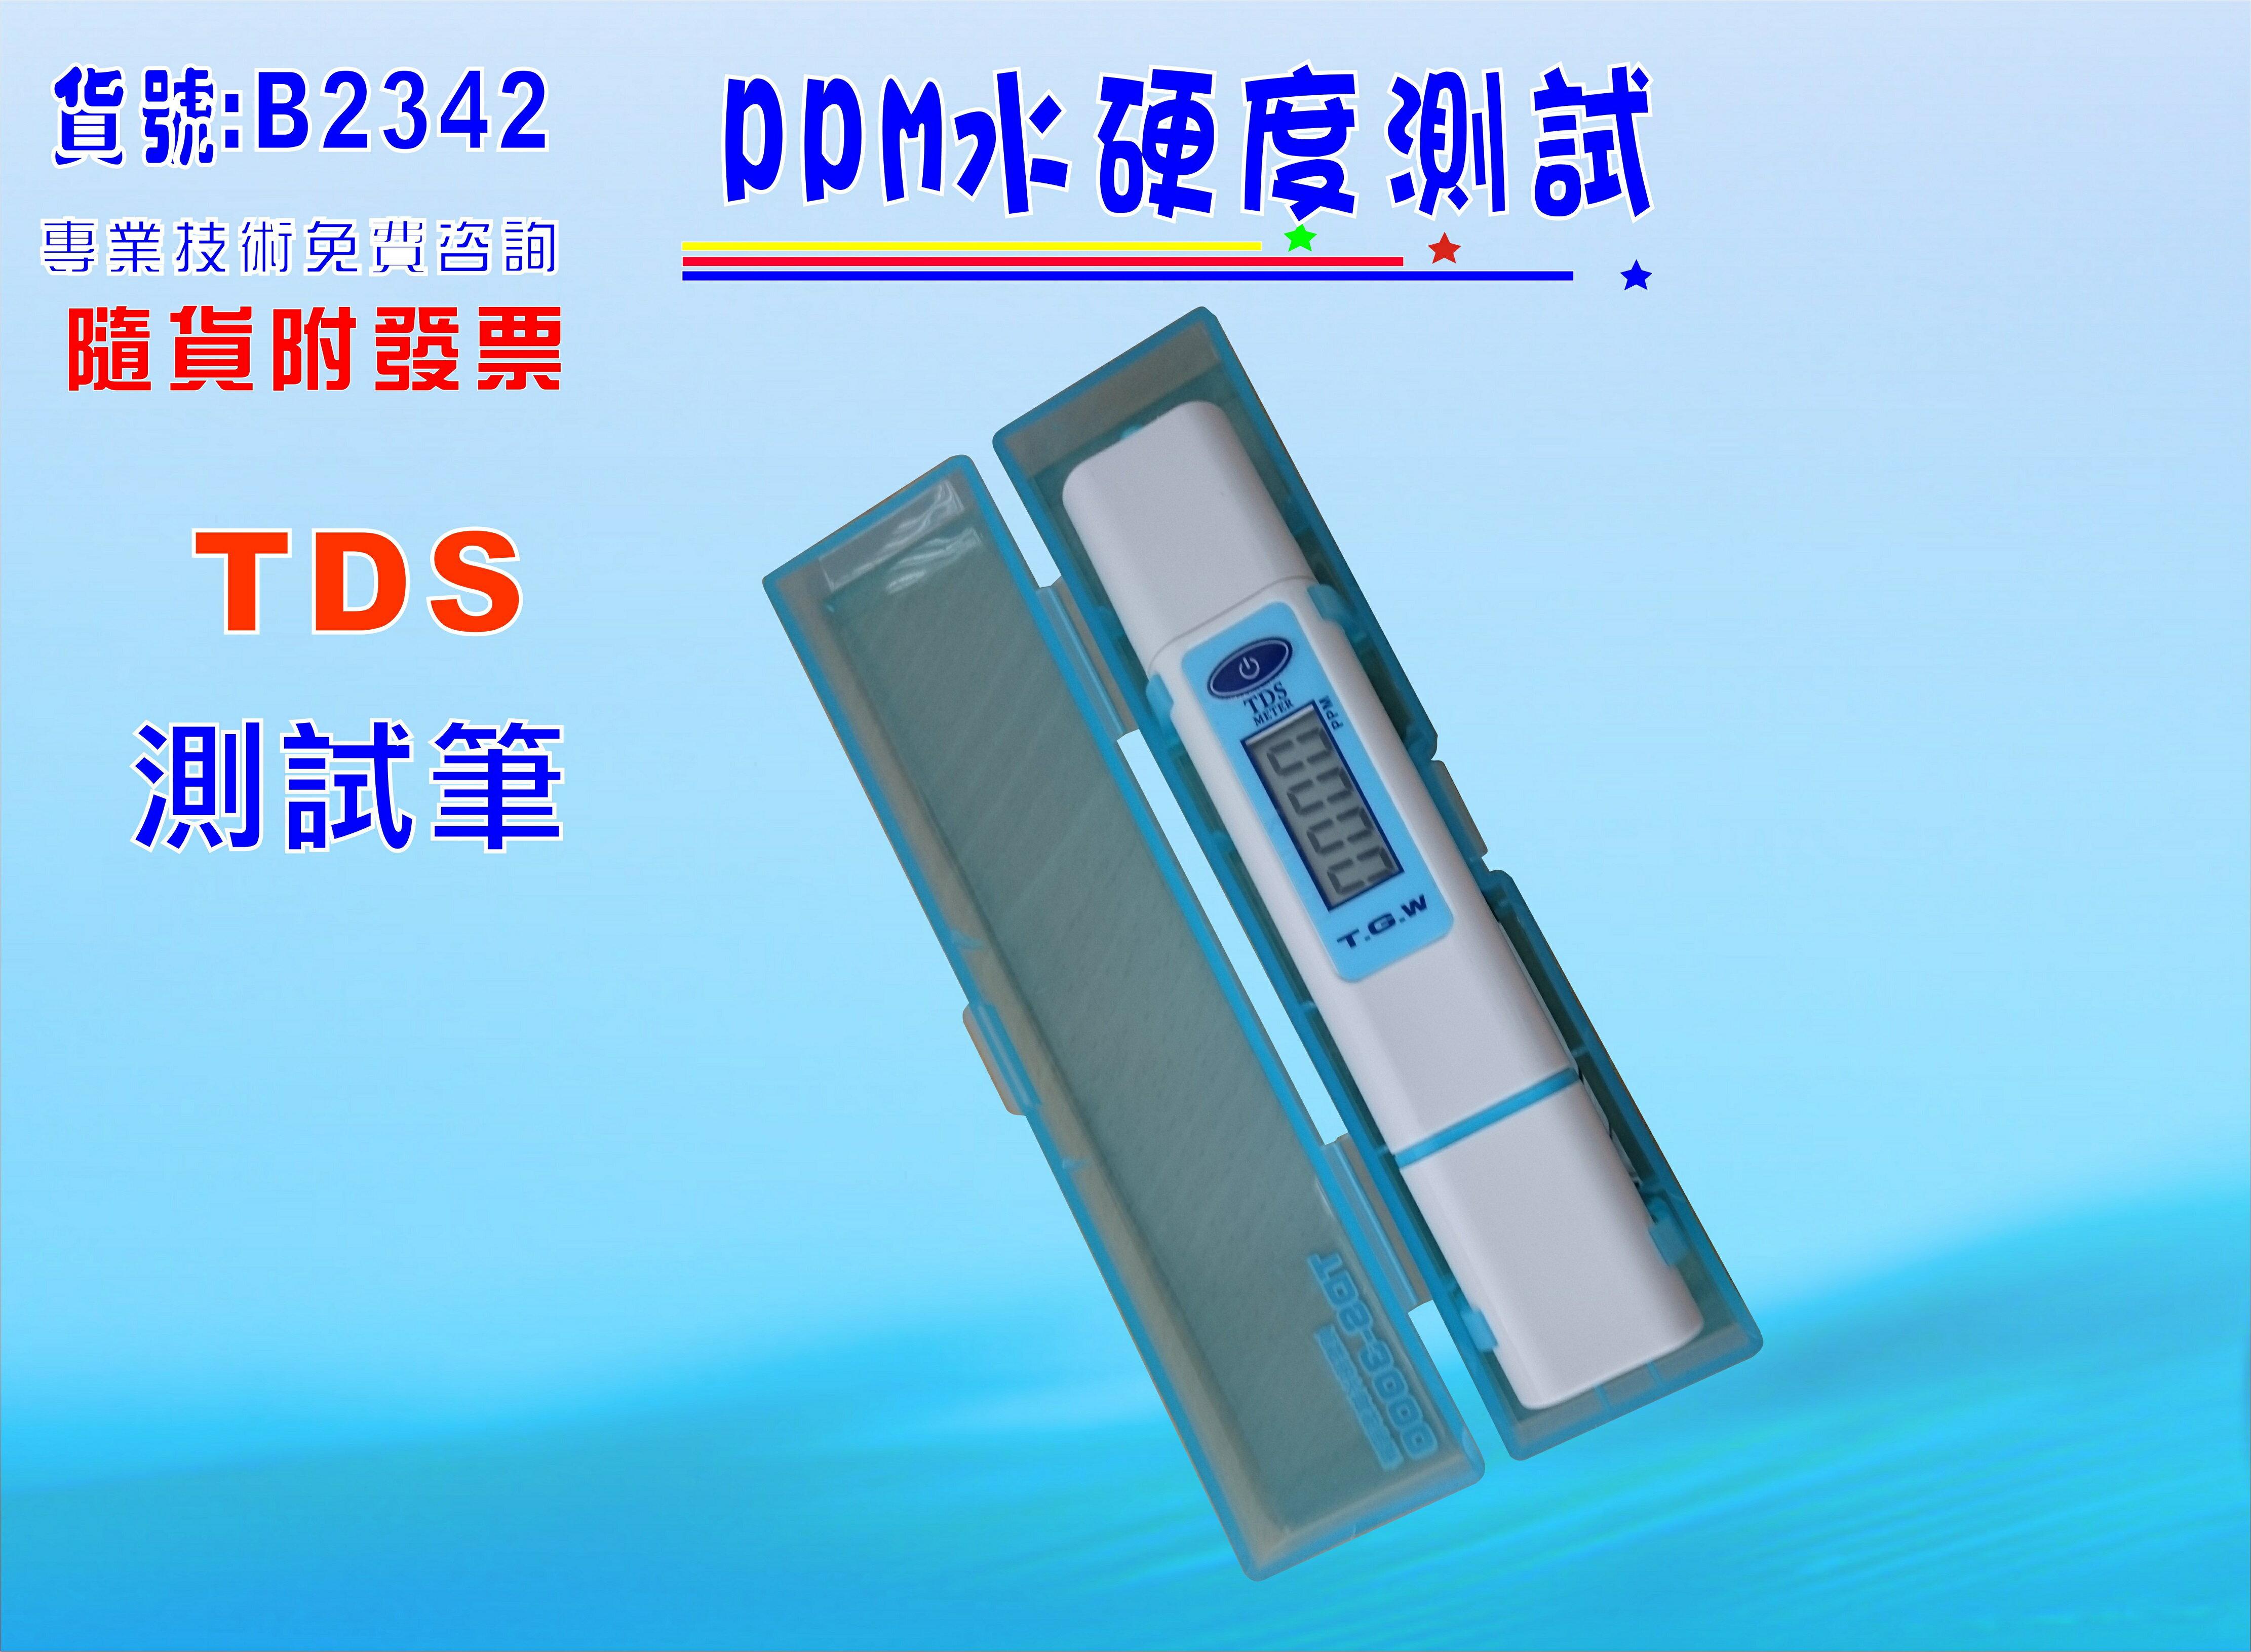 【七星淨水】常開式電磁閥1英吋牙口. RO純水機濾水器電解水機飲水機.貨號B2342